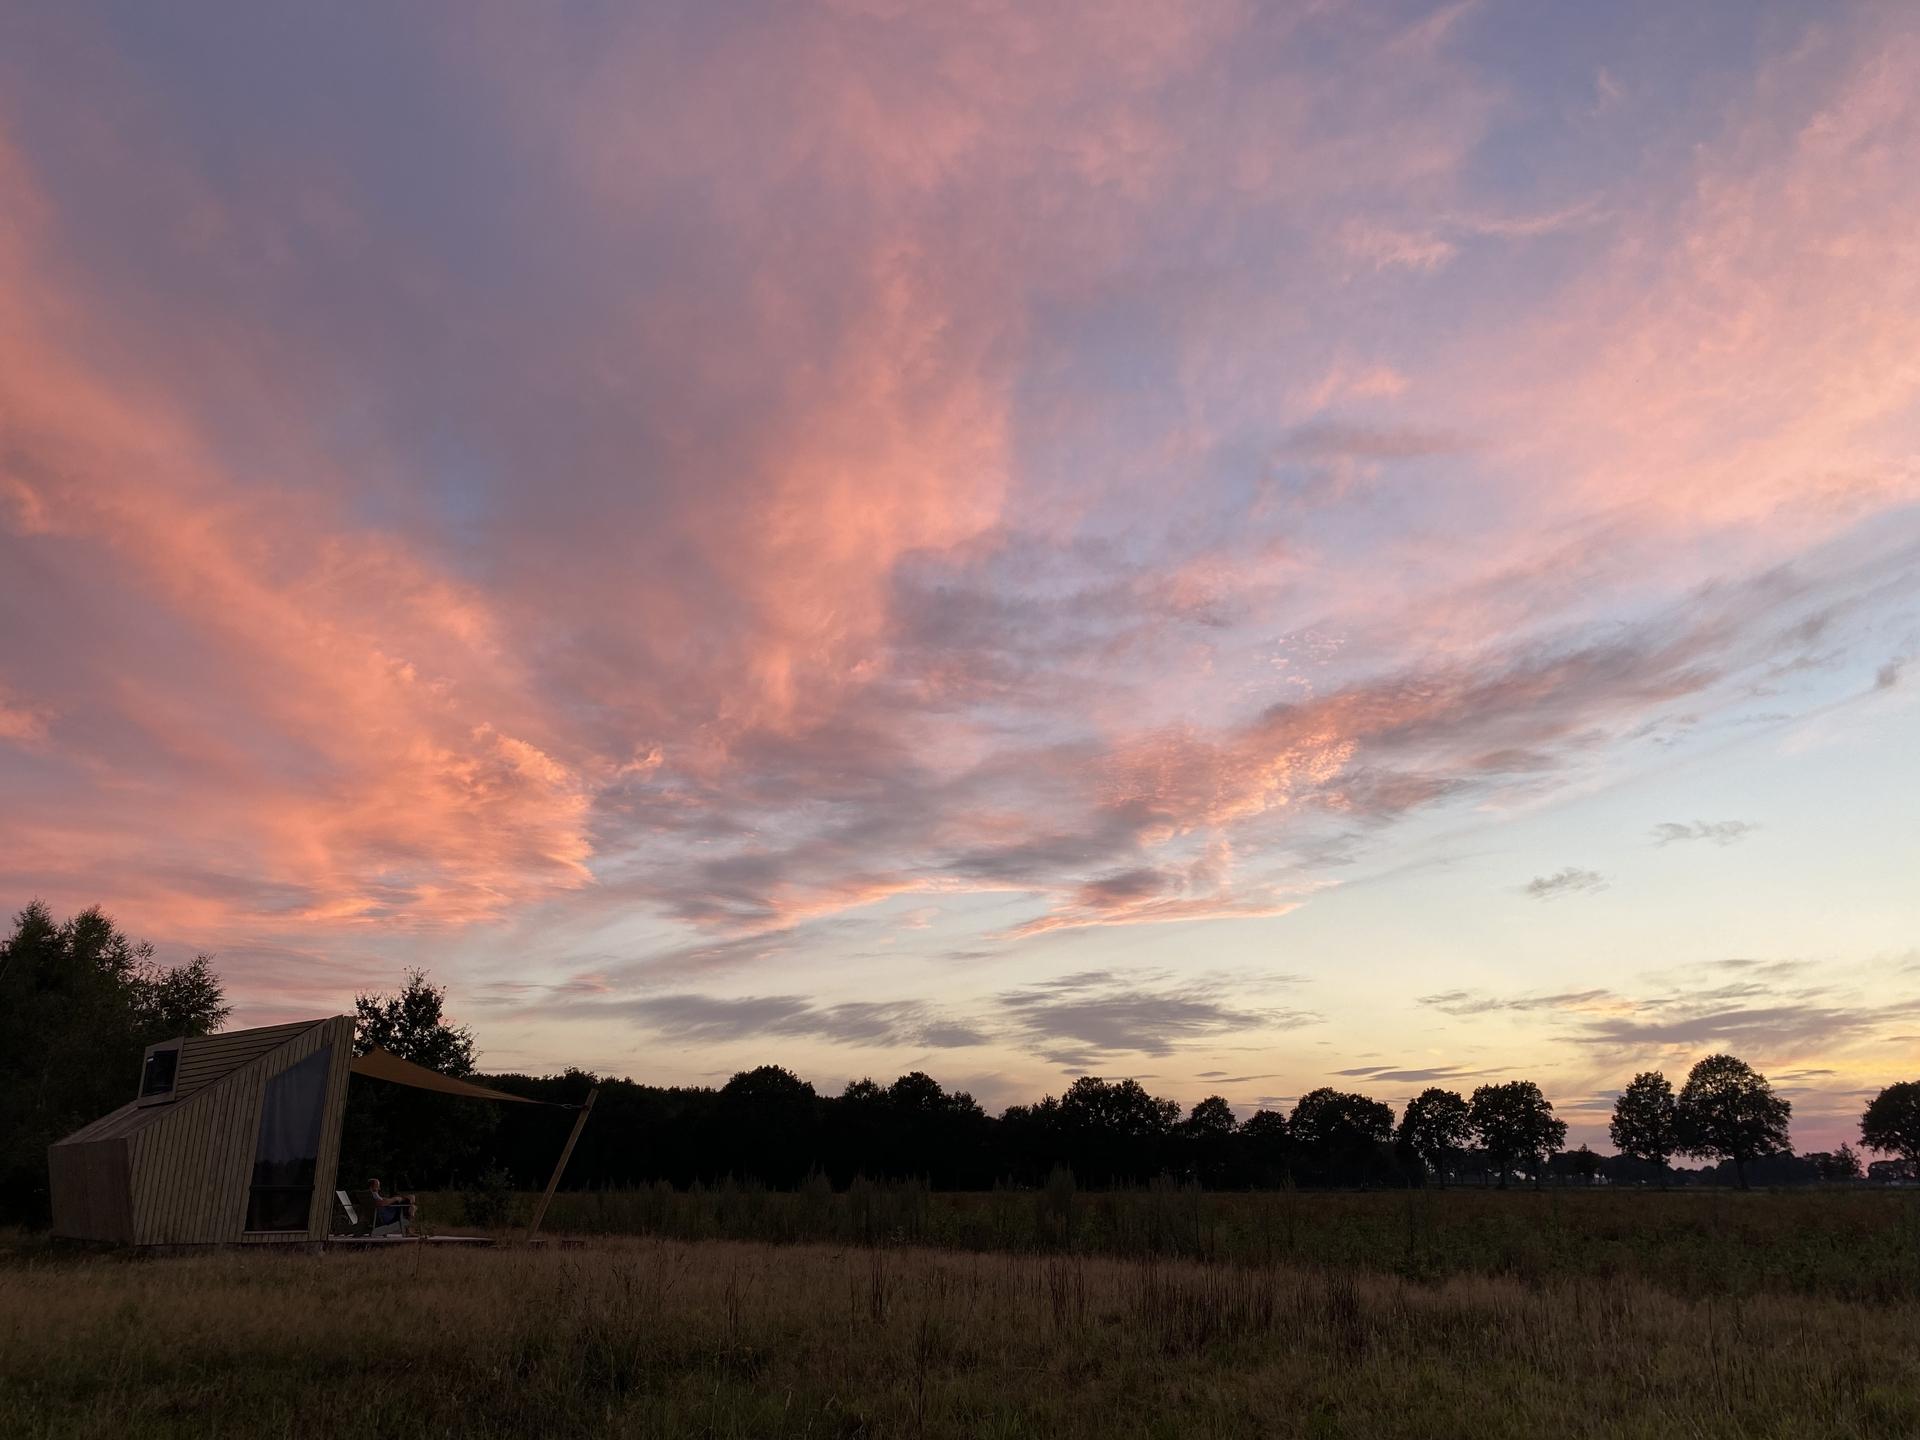 De zonsondergangen en luchten zijn vaak geweldig